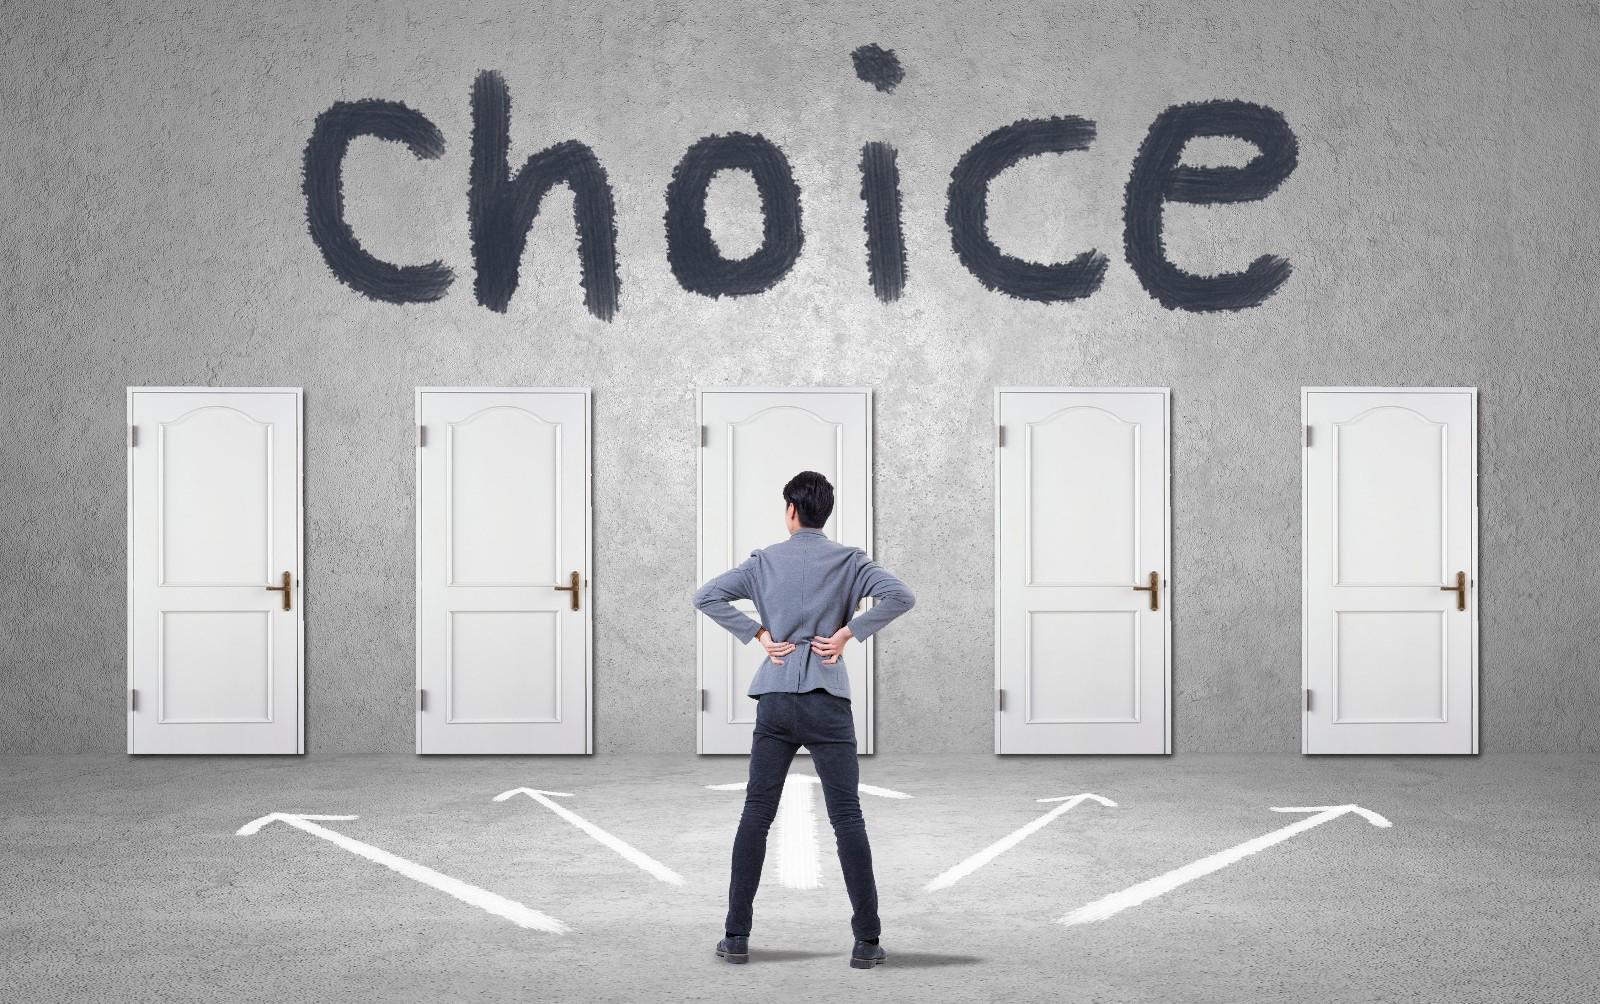 青山区编制,离家近,洪山区人事代理,待遇更高,两者之间我该如何抉择?